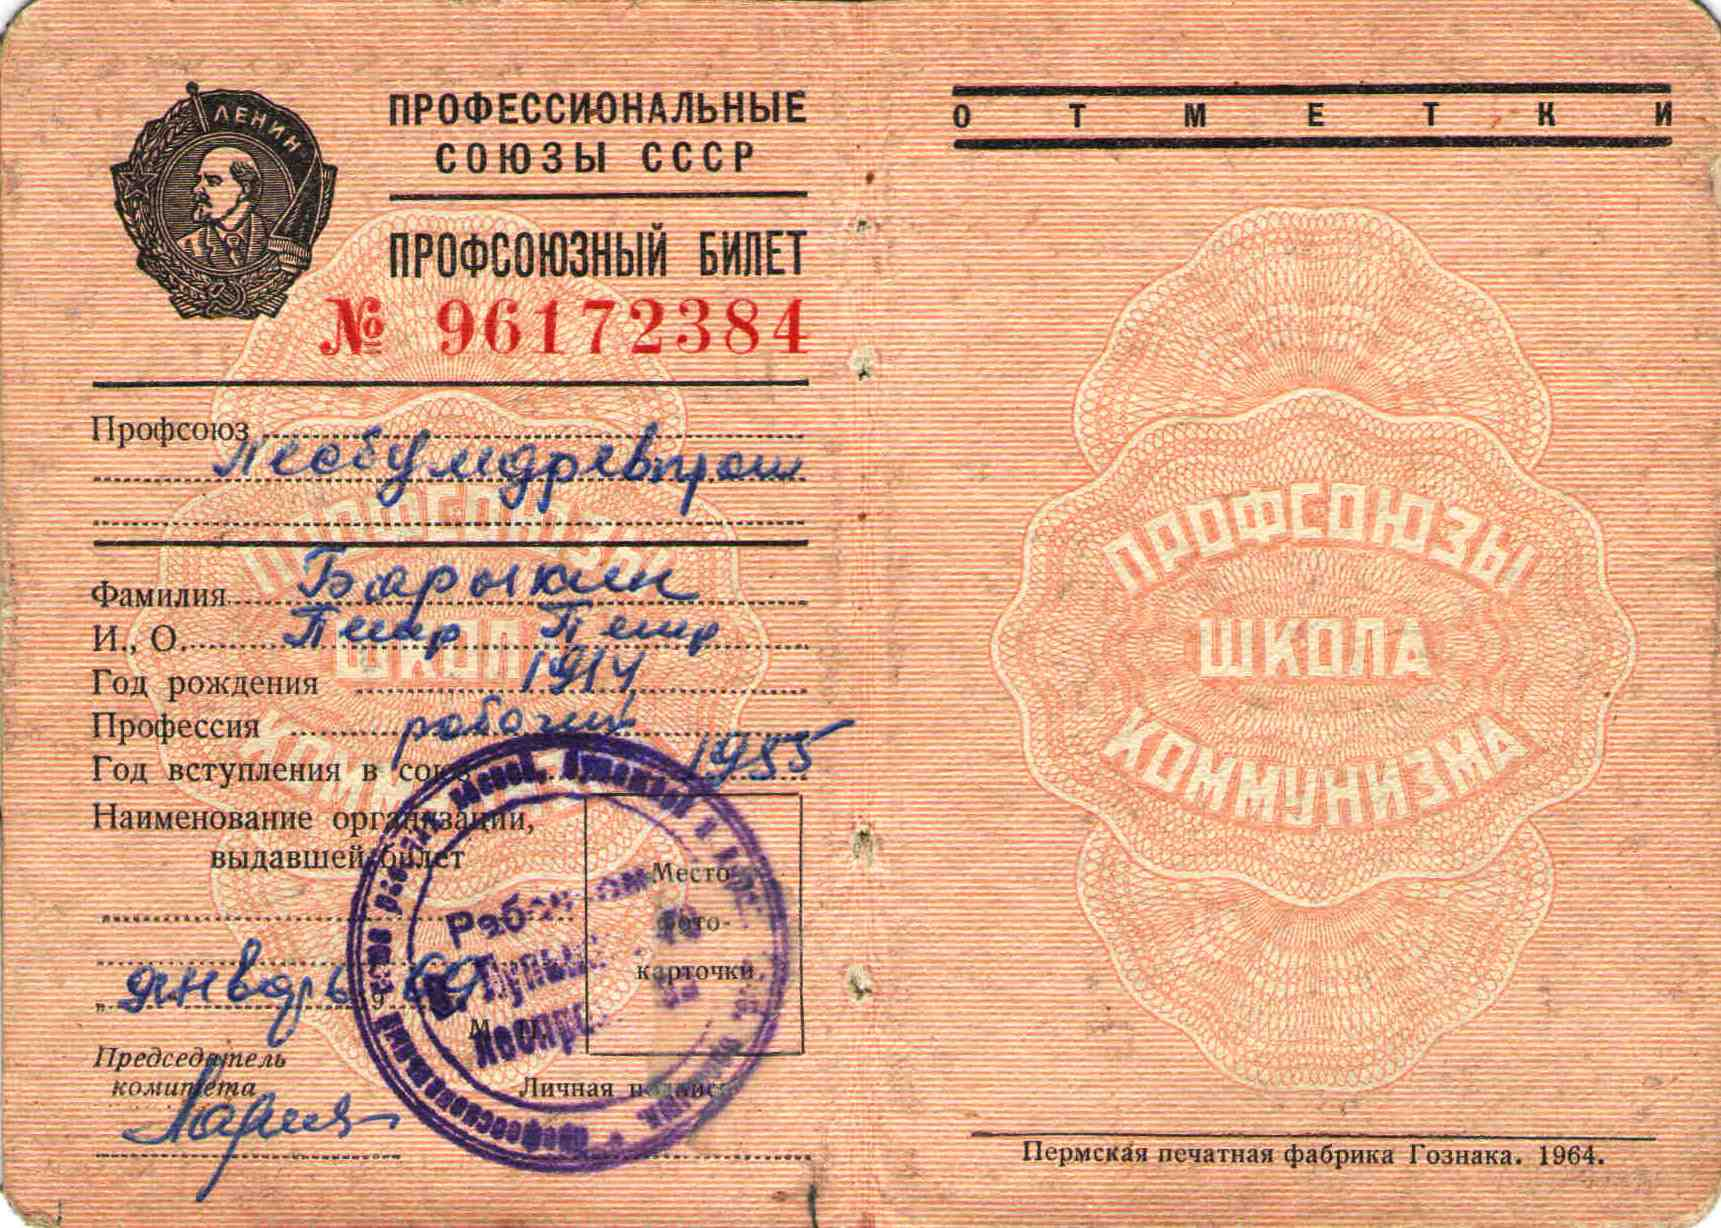 56. Профсоюзный билет, Барыкин ПП, 1969